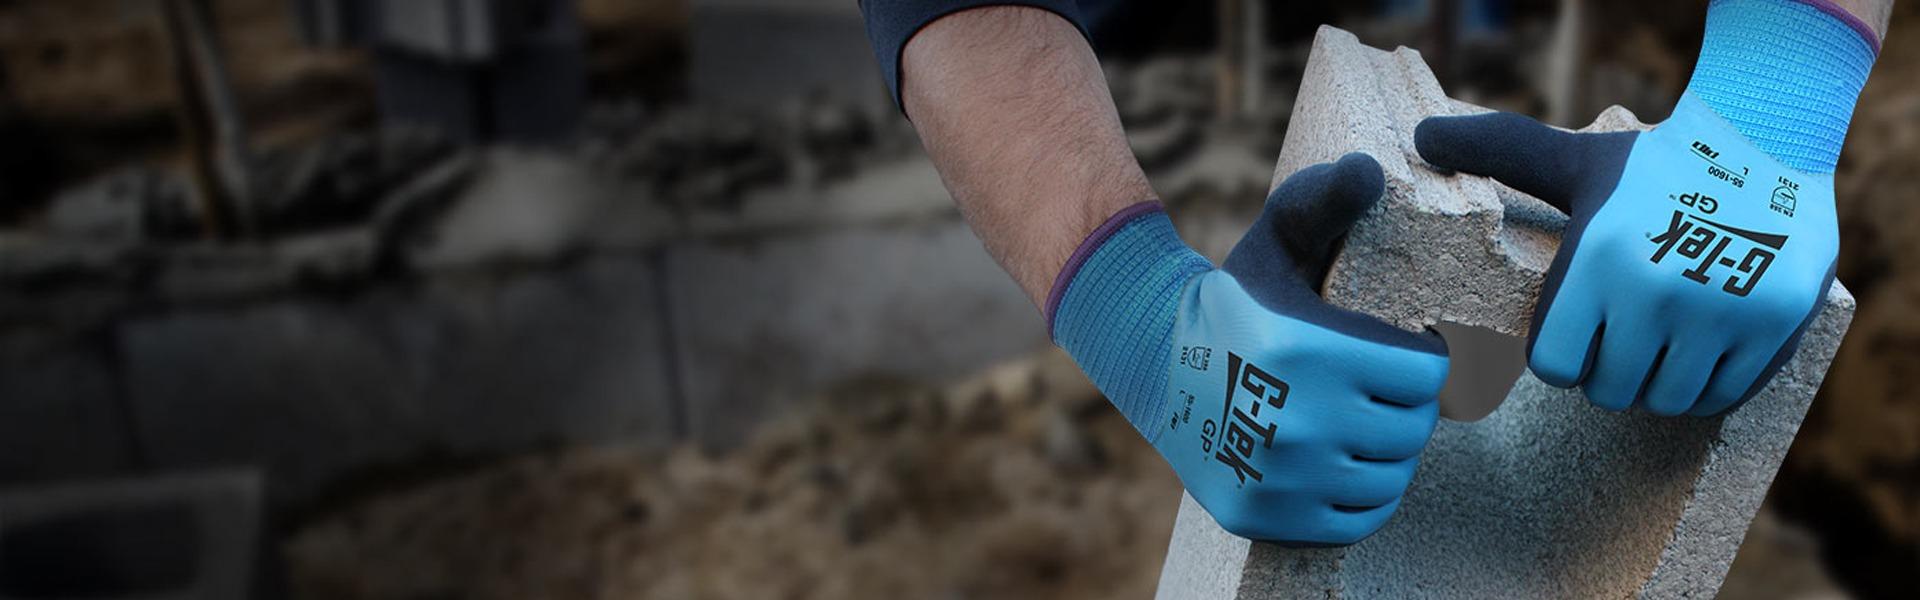 Choisissez vos gants de protection